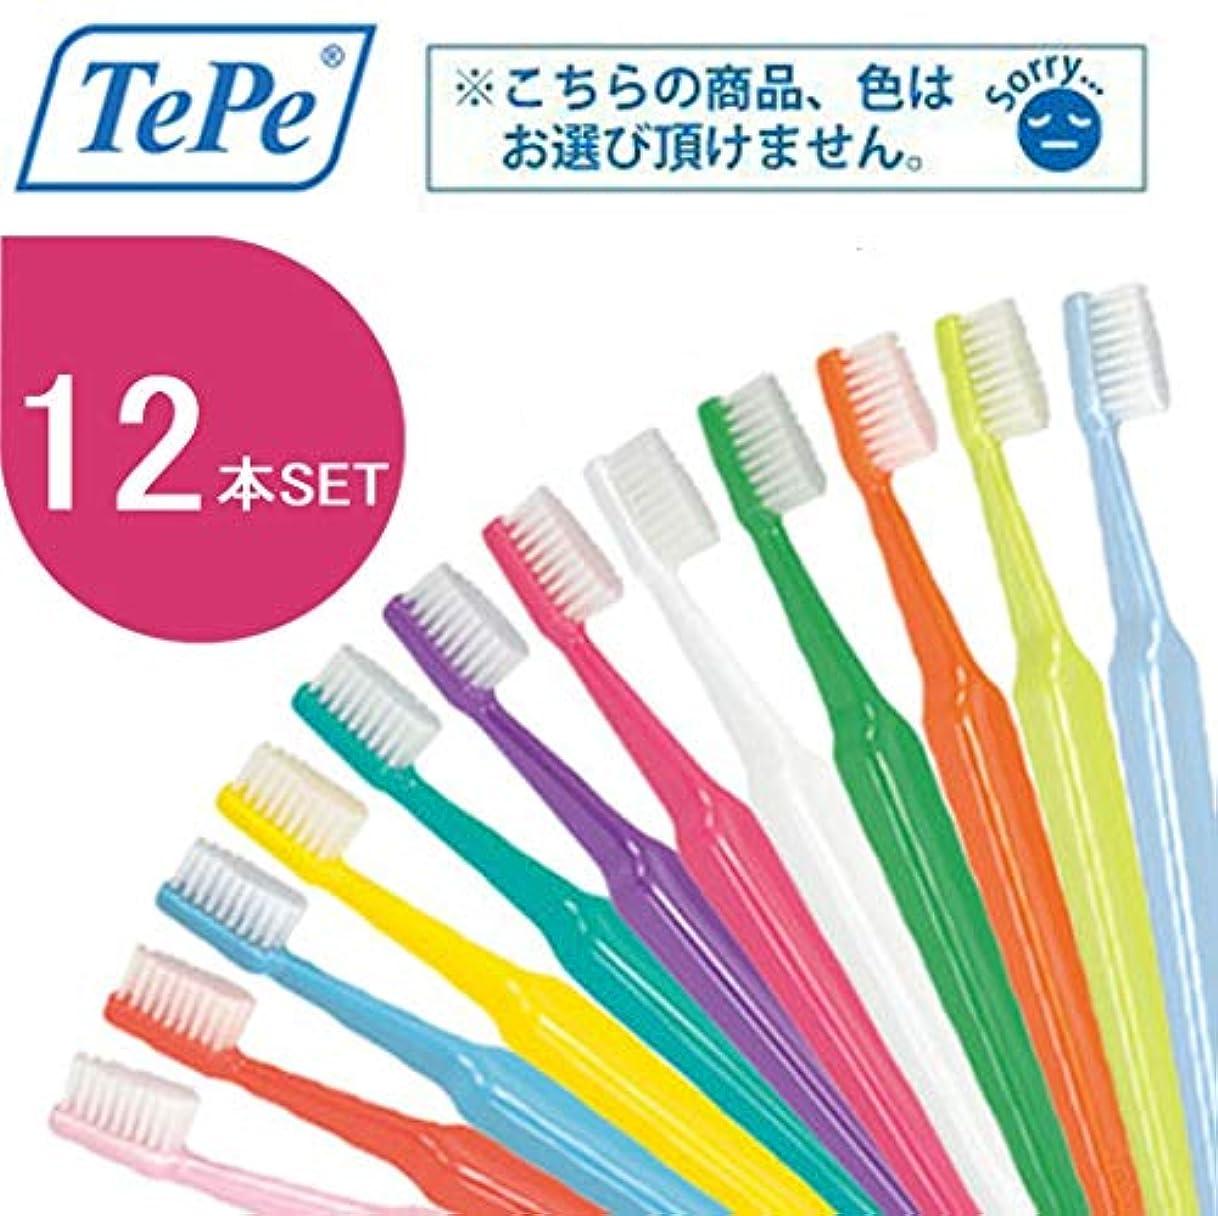 観察する結果歩くクロスフィールド TePe テペ セレクト 歯ブラシ 12本 (ミディアム)